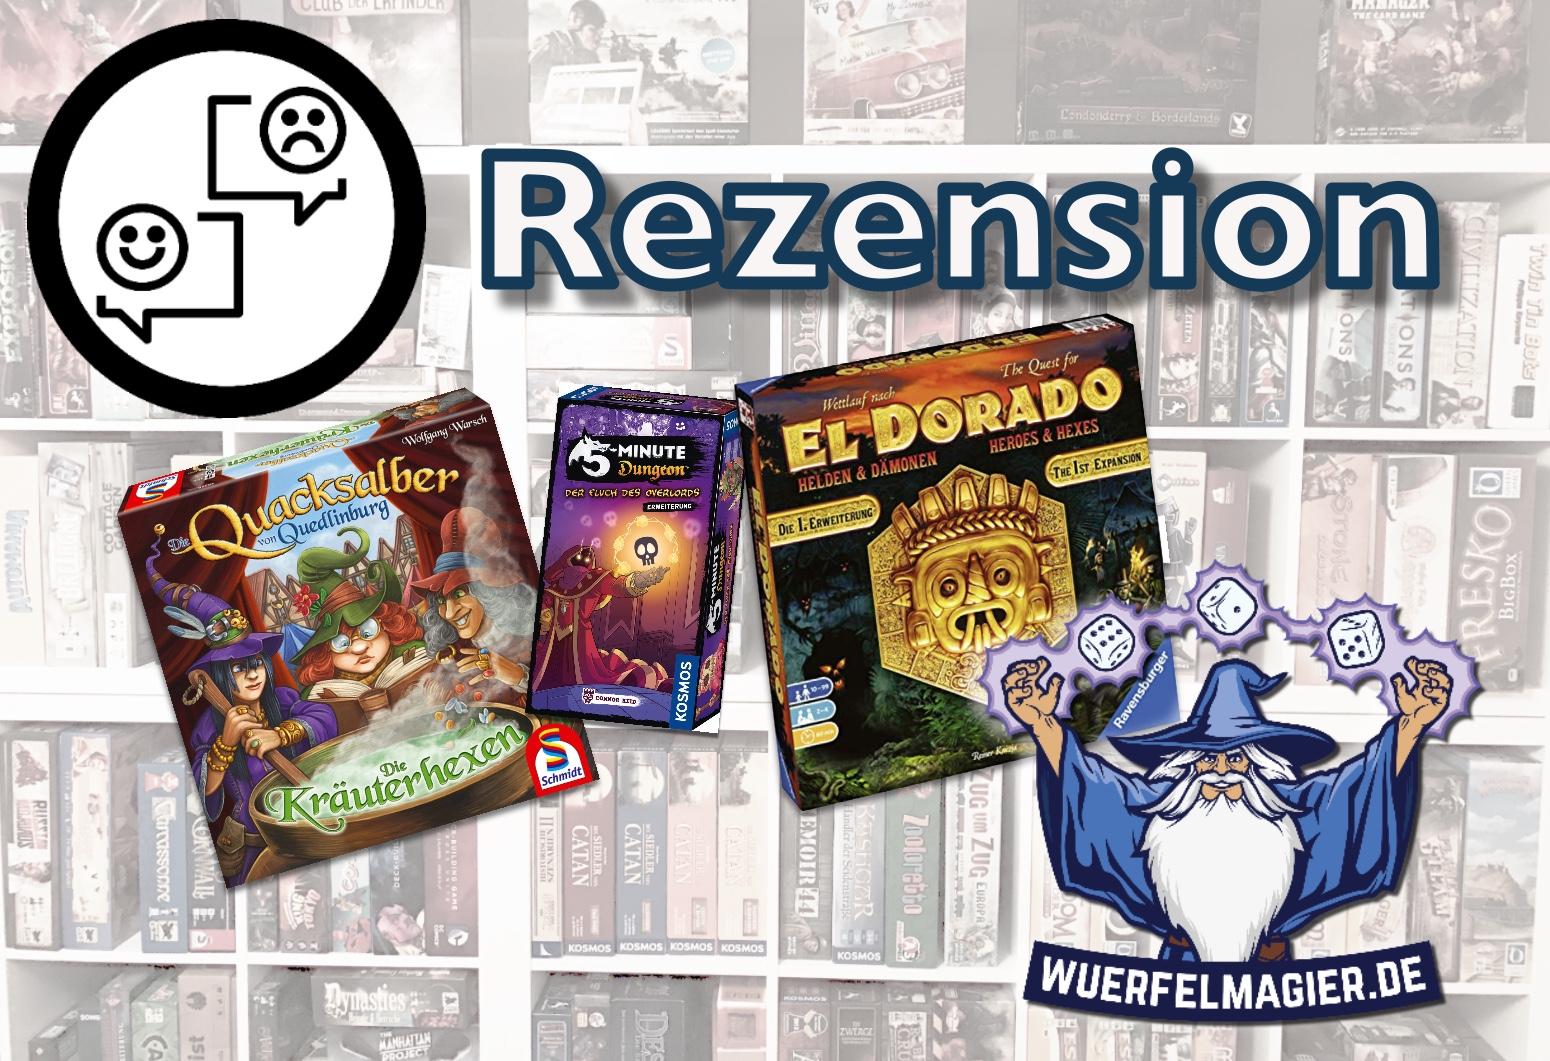 Rezension Erweiterung Quacksalber Wettlauf nach El Dorado 5-Minuten-Dungeon